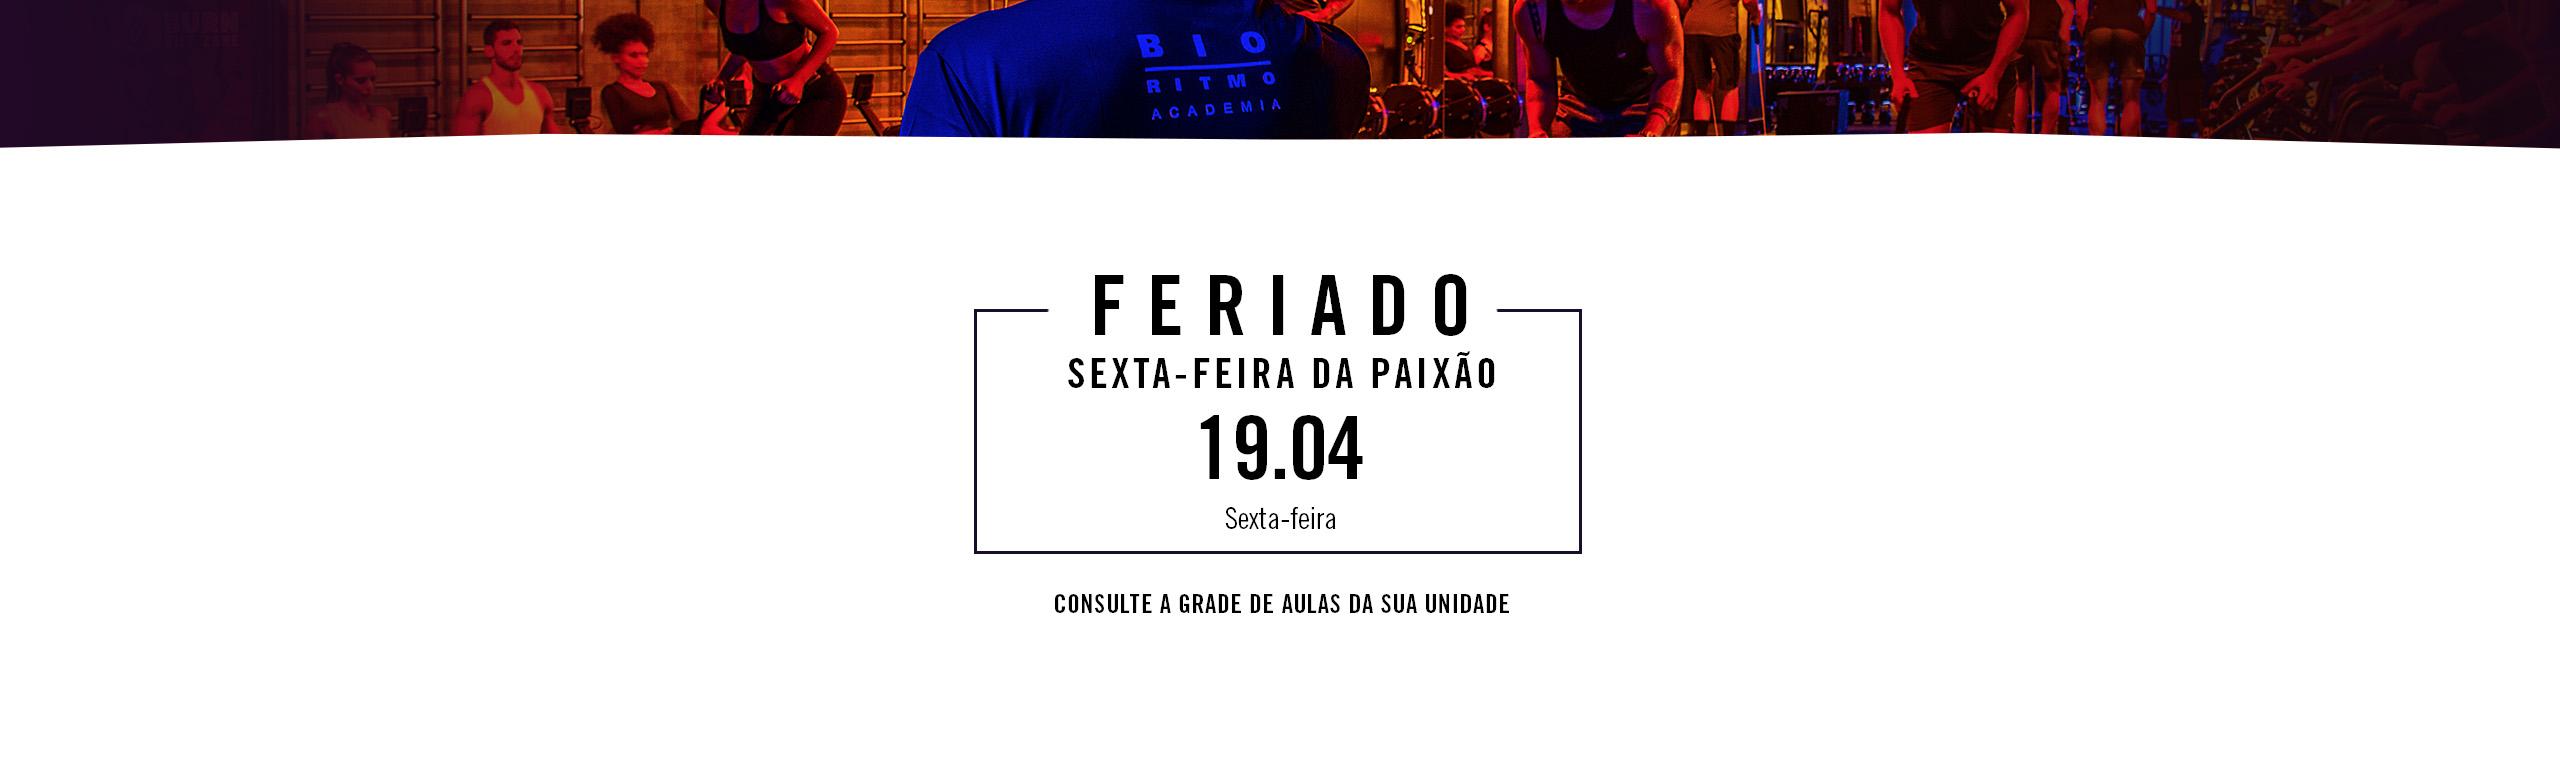 Bannersite_layout-sexta_feira_da_paixaoa